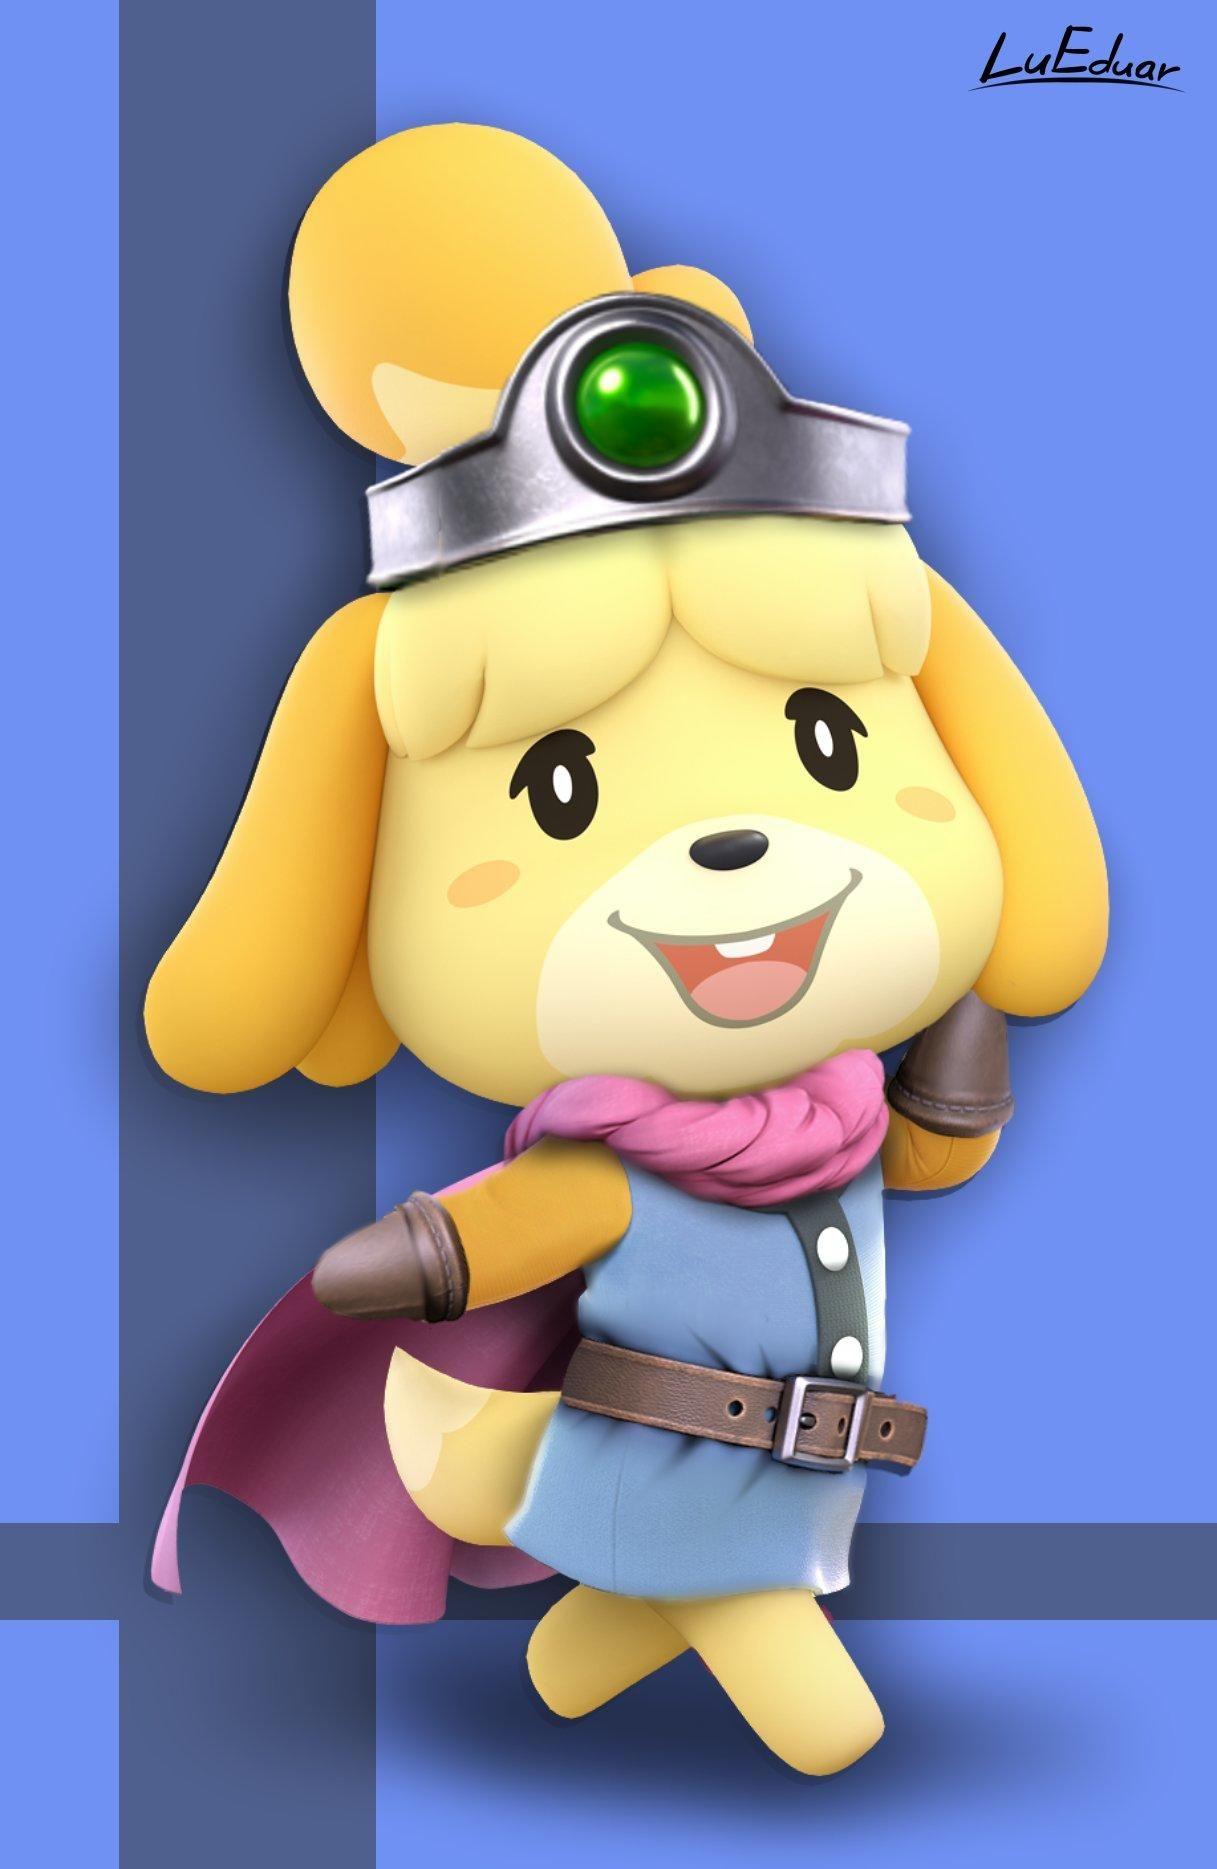 Isabelle As Hero Dragon Quest Iii By Lueduar Isabelle Dragon Quest Hero Dragon Quest Dragon Quest Hero